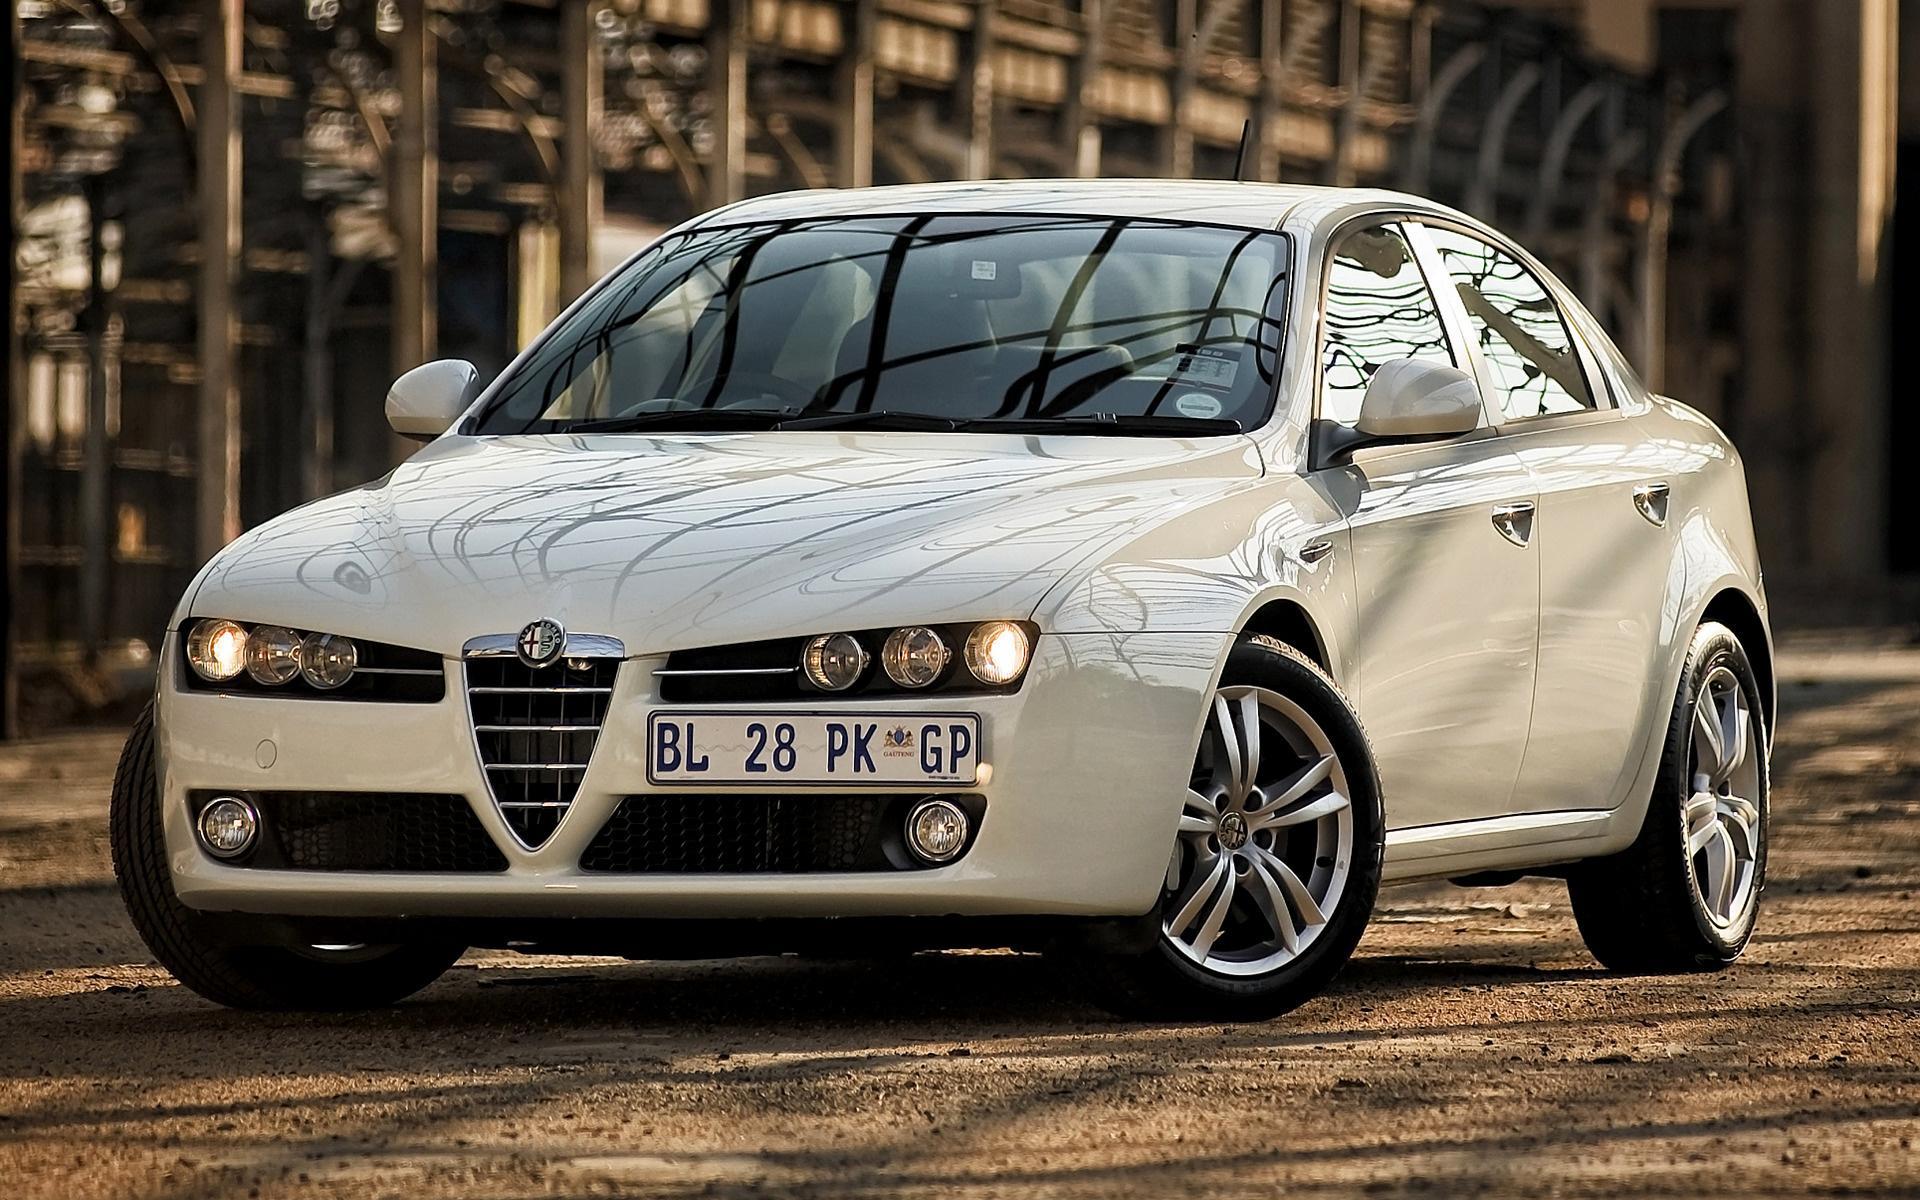 Alfa Romeo 159 Wallpapers Wallpaper Cave